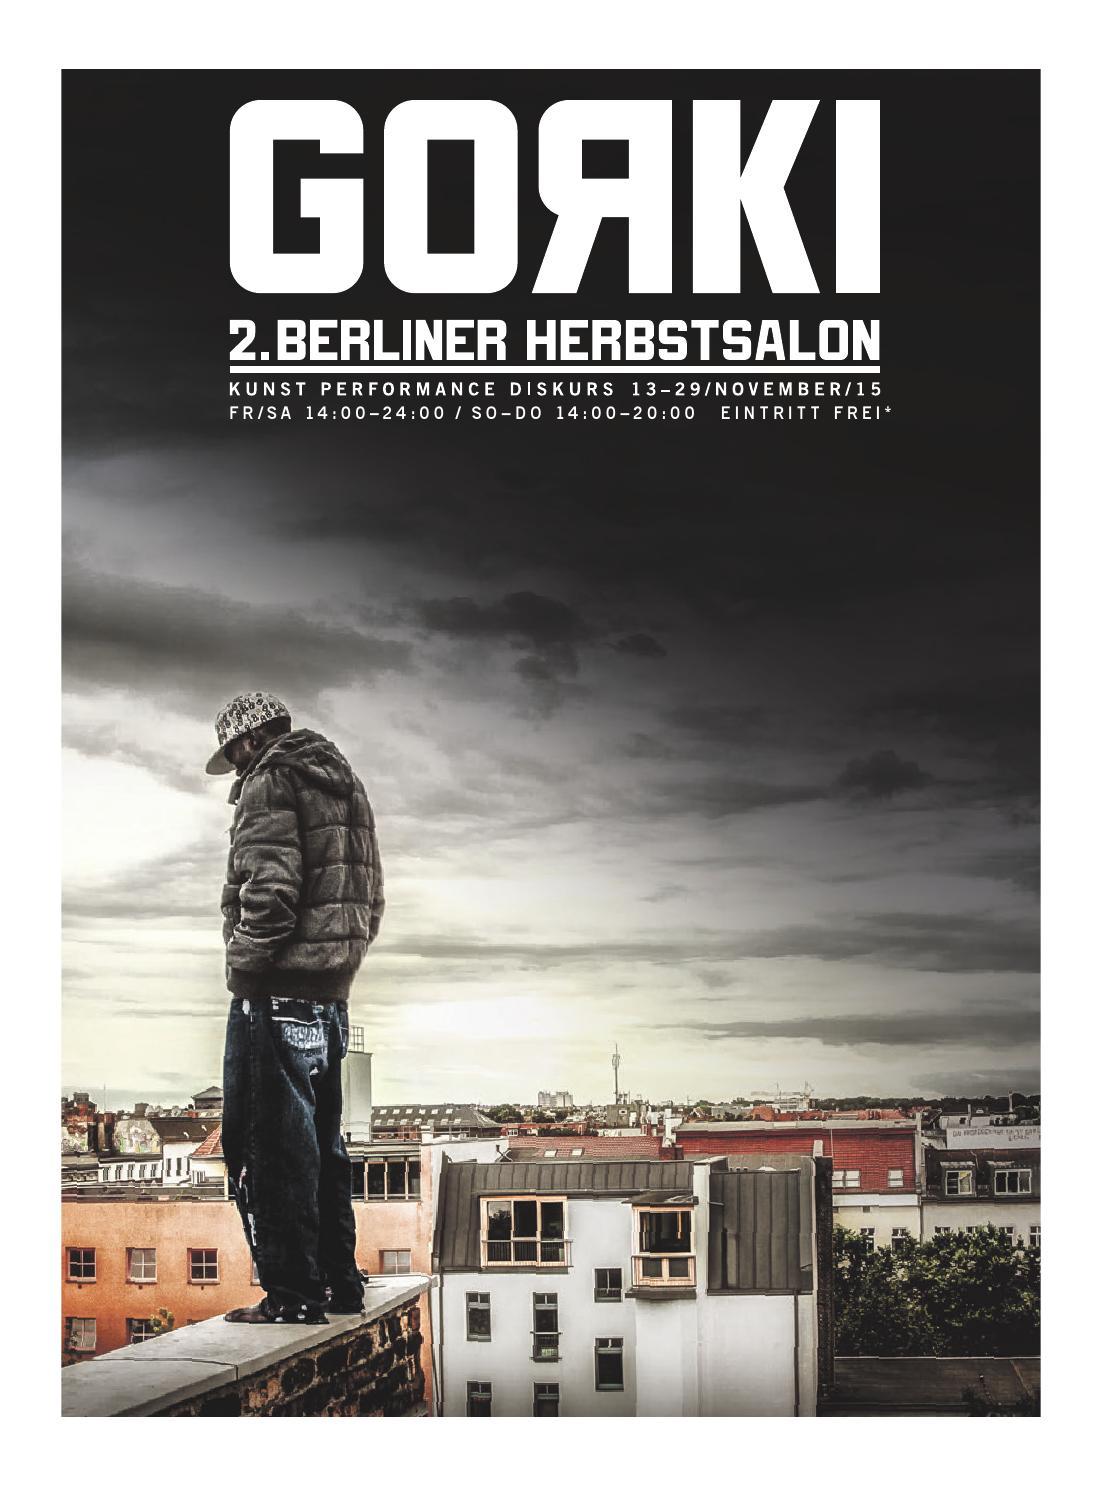 Gorki Sonderheft Herbstsalon by Maxim Gorki Theater - issuu